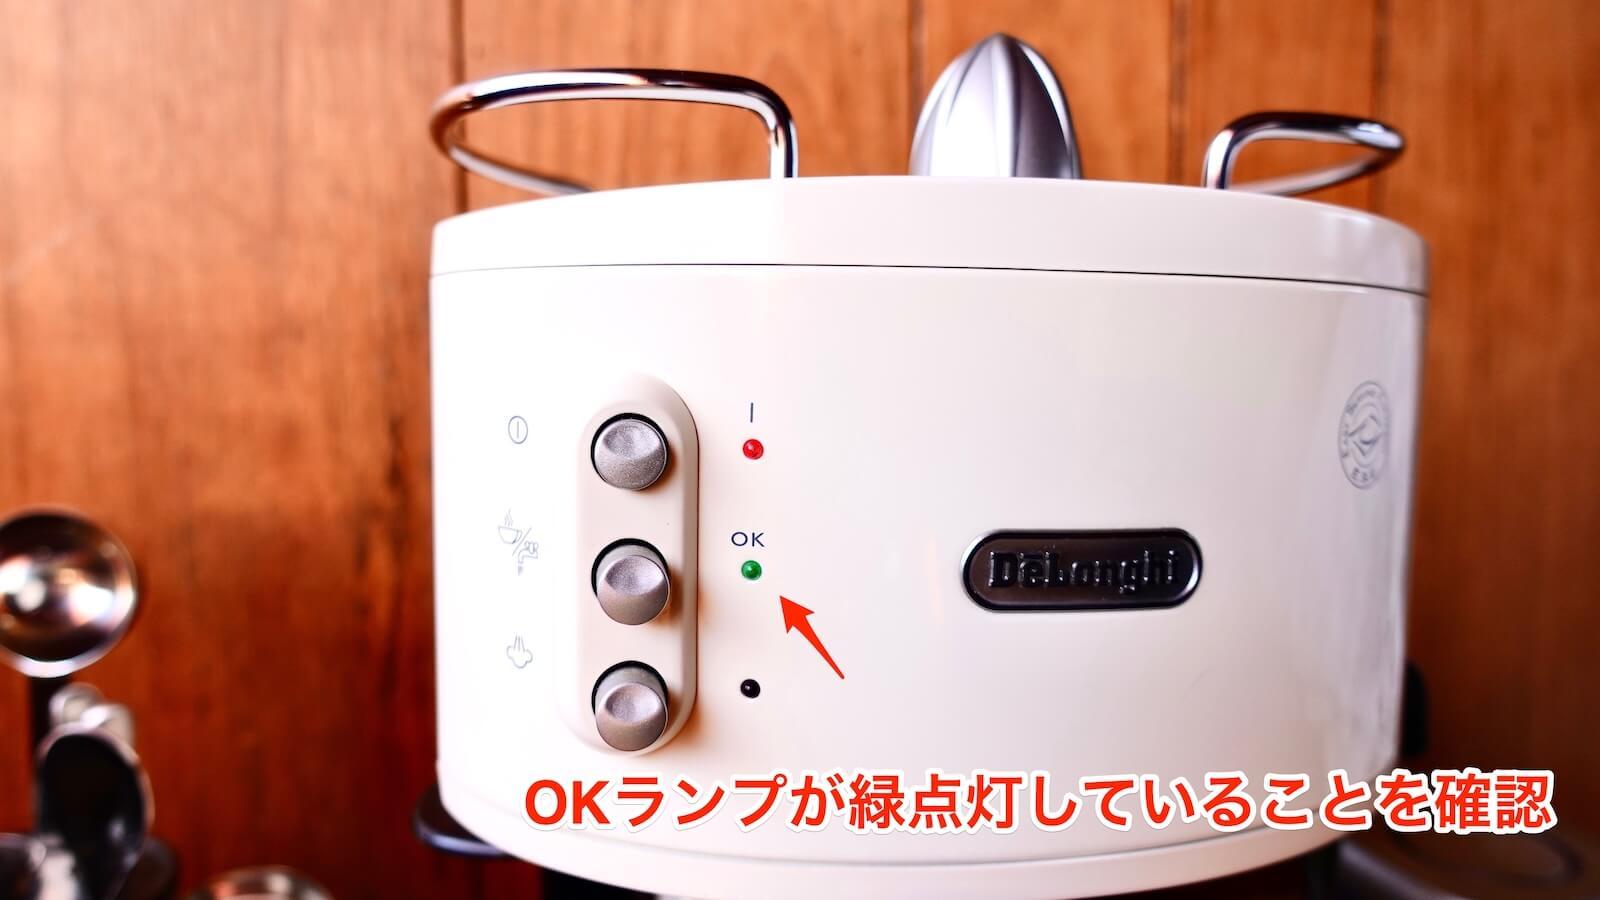 Delonghi espresso machine ECM300J OK lamp lights green